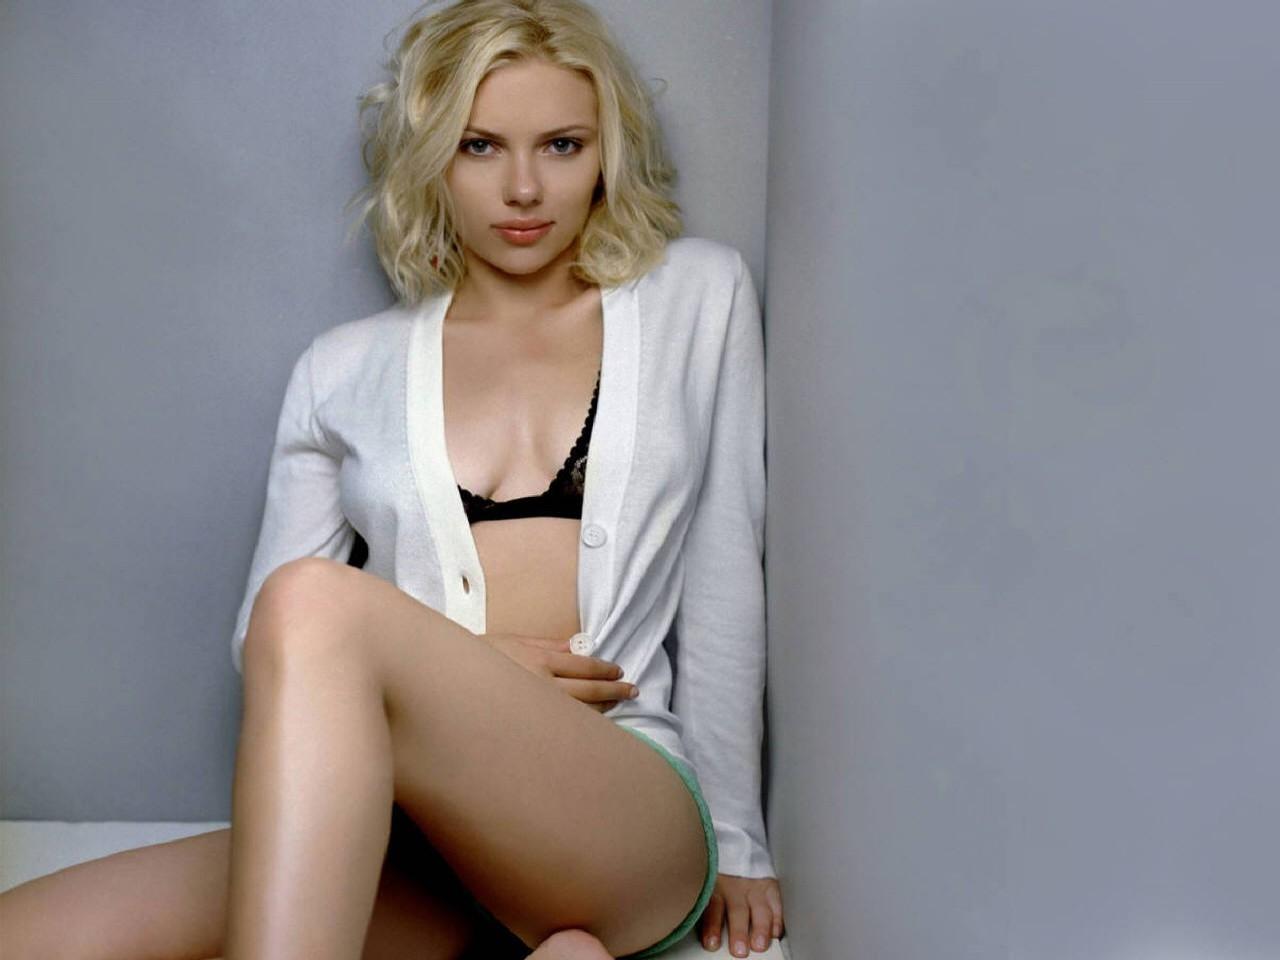 Wallpaper di Scarlett Johansson - l'attrice è nata il 22 novembre del 1984